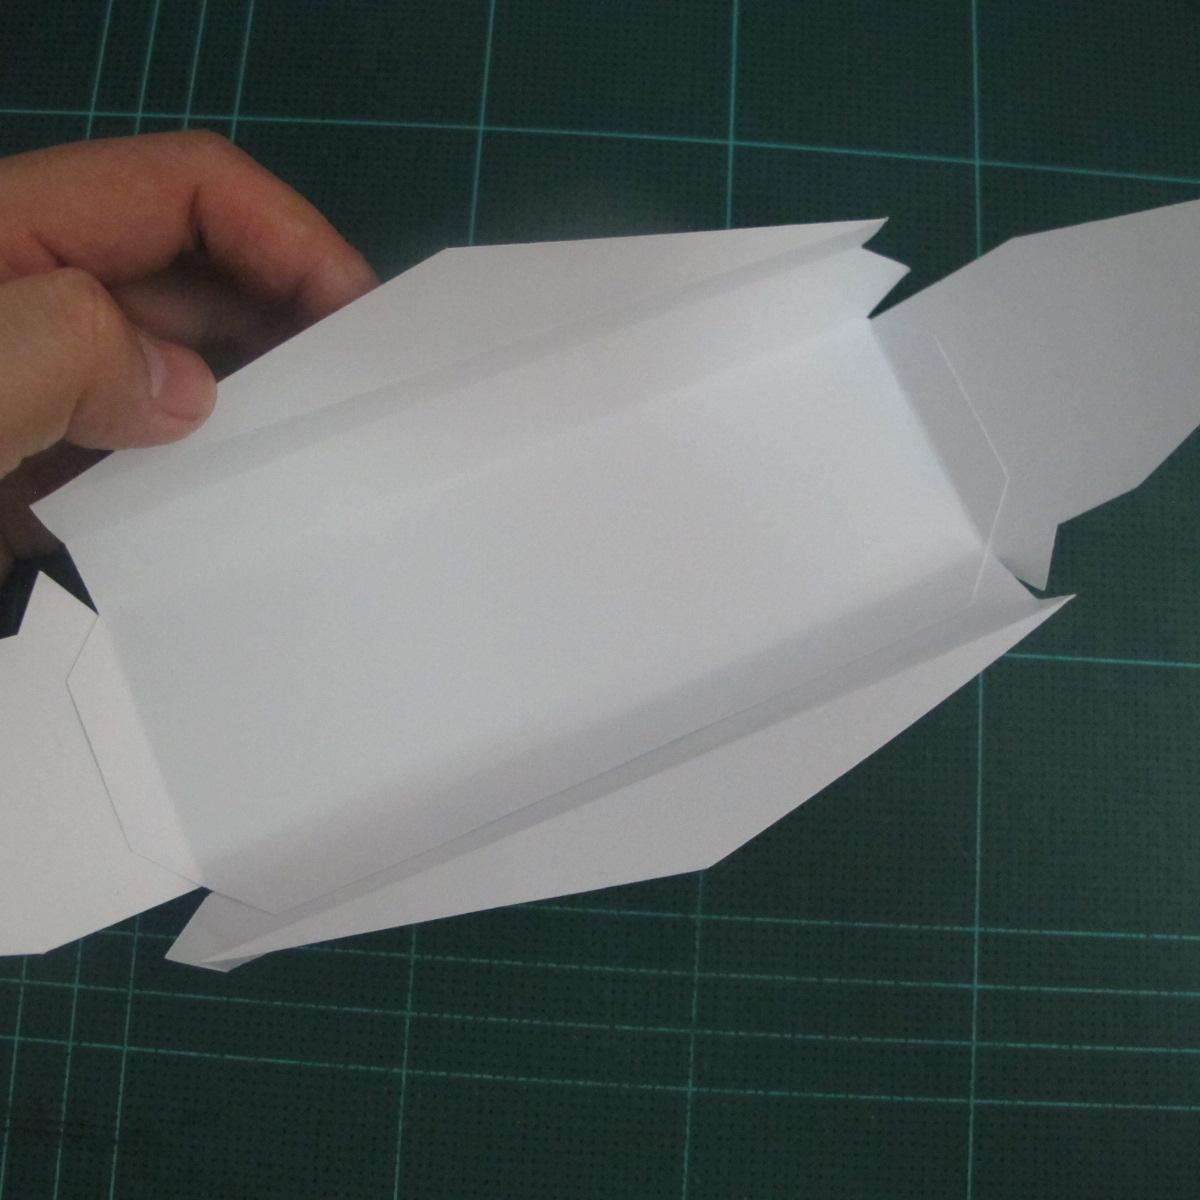 วิธีทำกล่องกระดาษสำหรับใส่ของเป็นลายดอกไม้ (Botanical paper box DIY printable template) 003